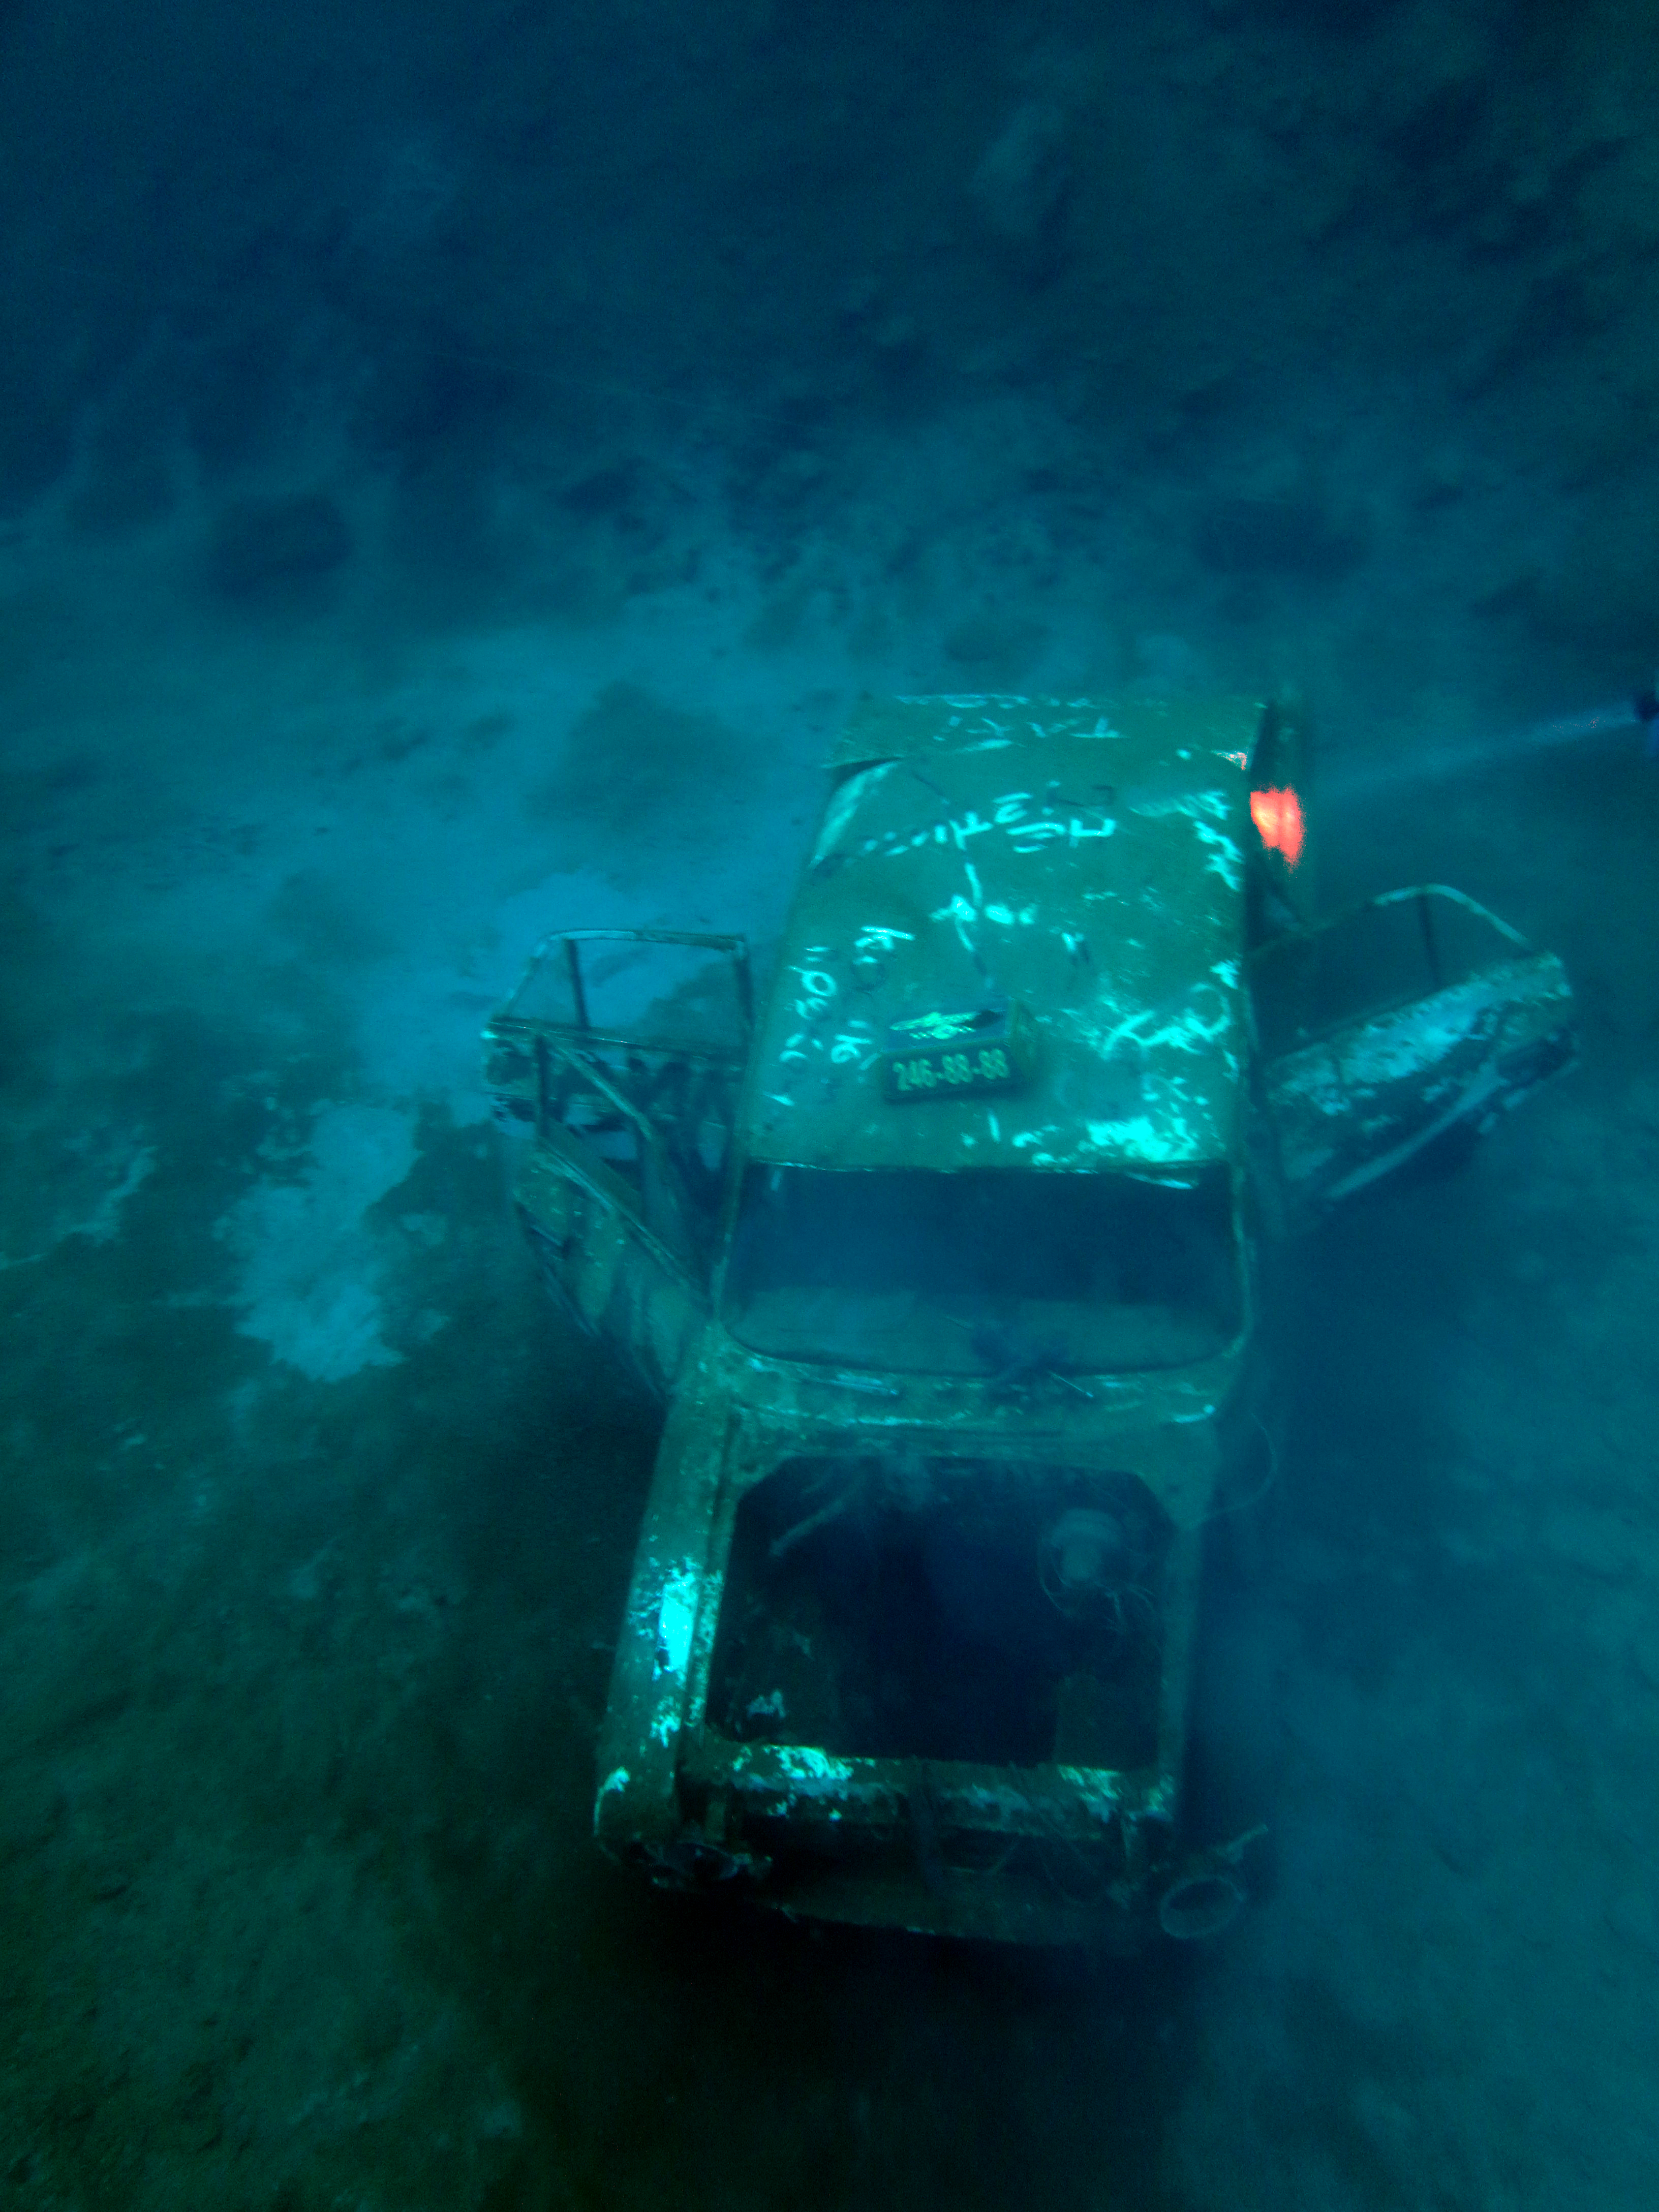 Diver's car